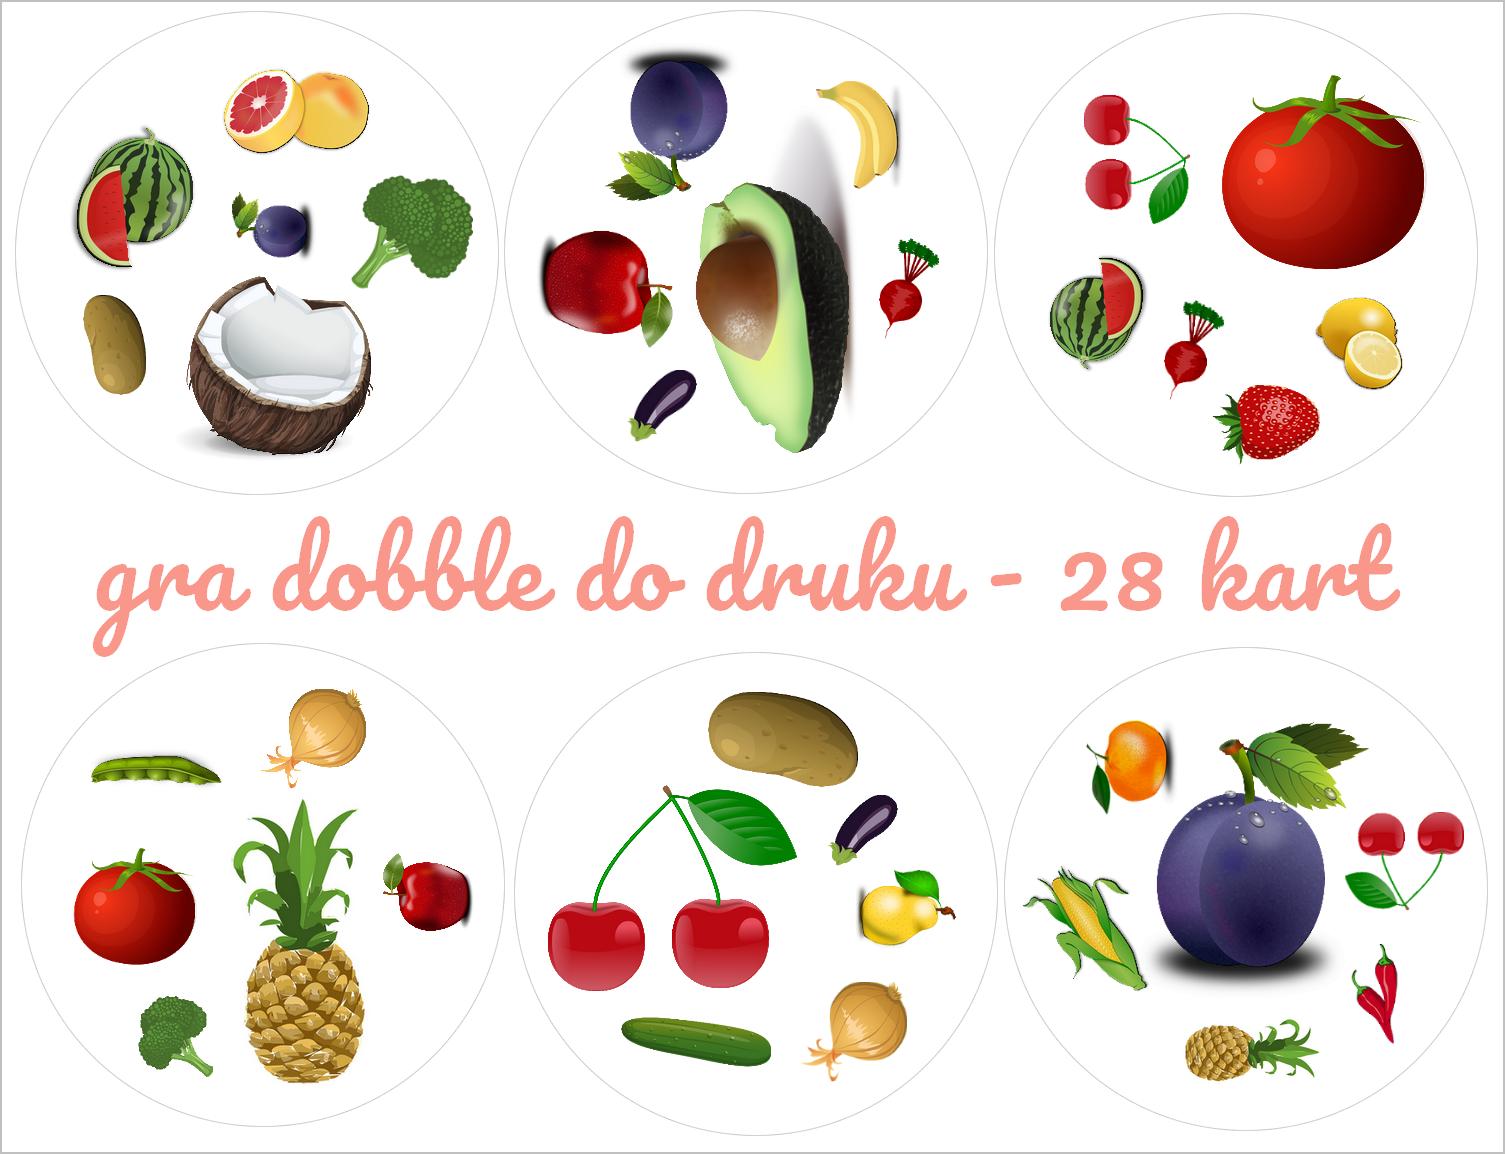 Zainspirujmy Sie Materialy I Inspiracje Do Pracy Z Dziecmi Czesc Do Druku Gra Dobble Owoce I Warzywa Education Food